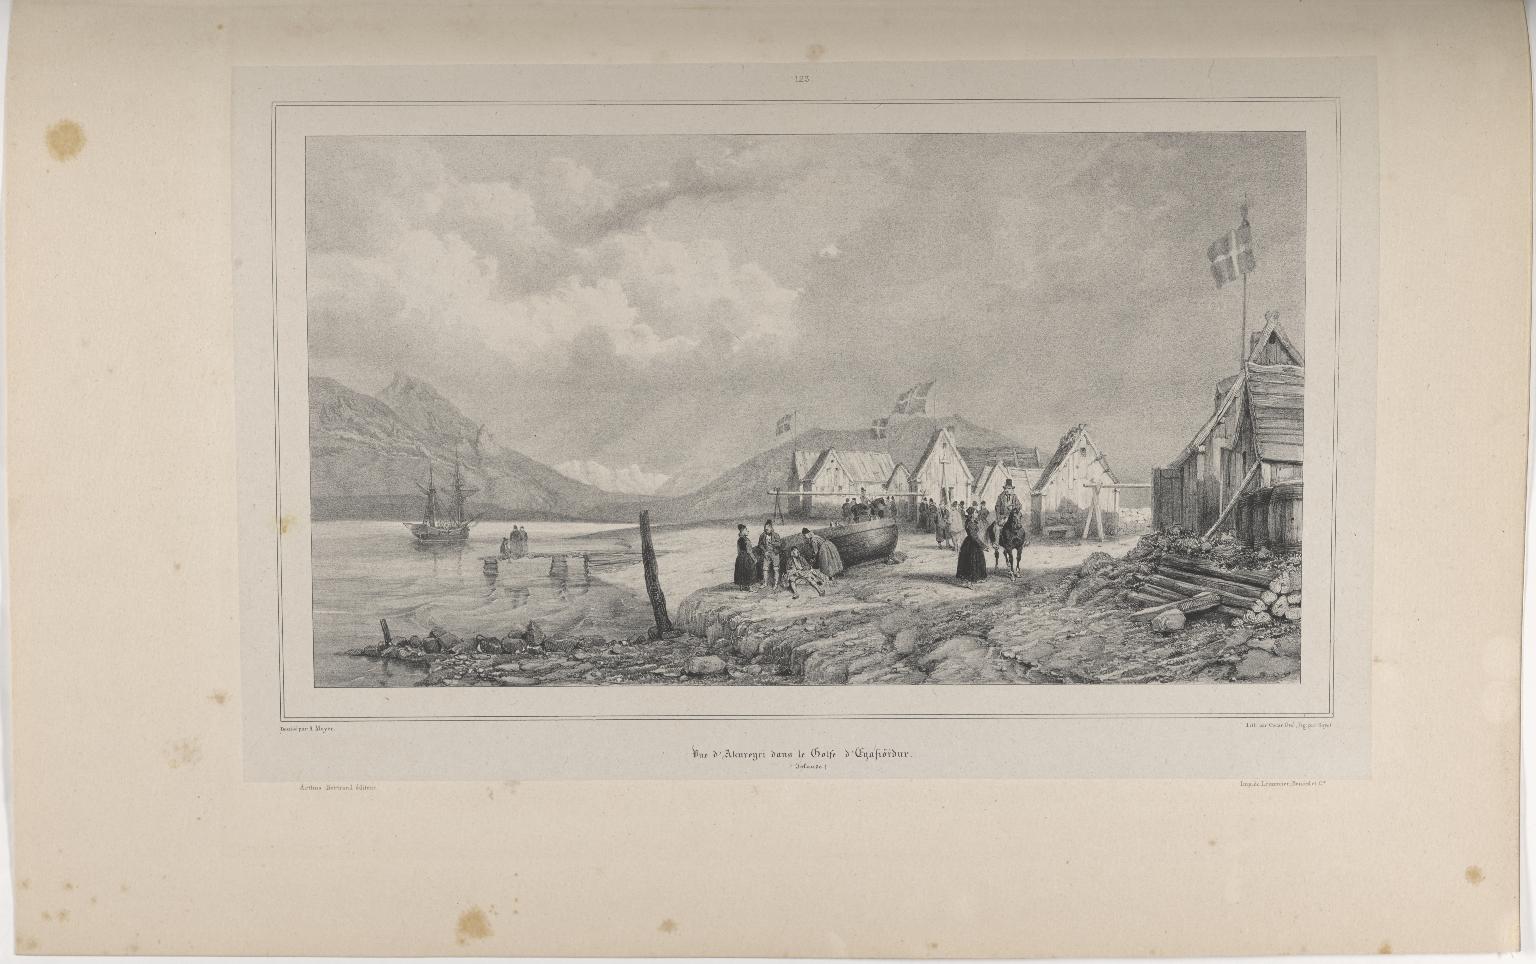 Vue d'Akureyri dans le Golfe d'Eyafiörður. (Islande.)